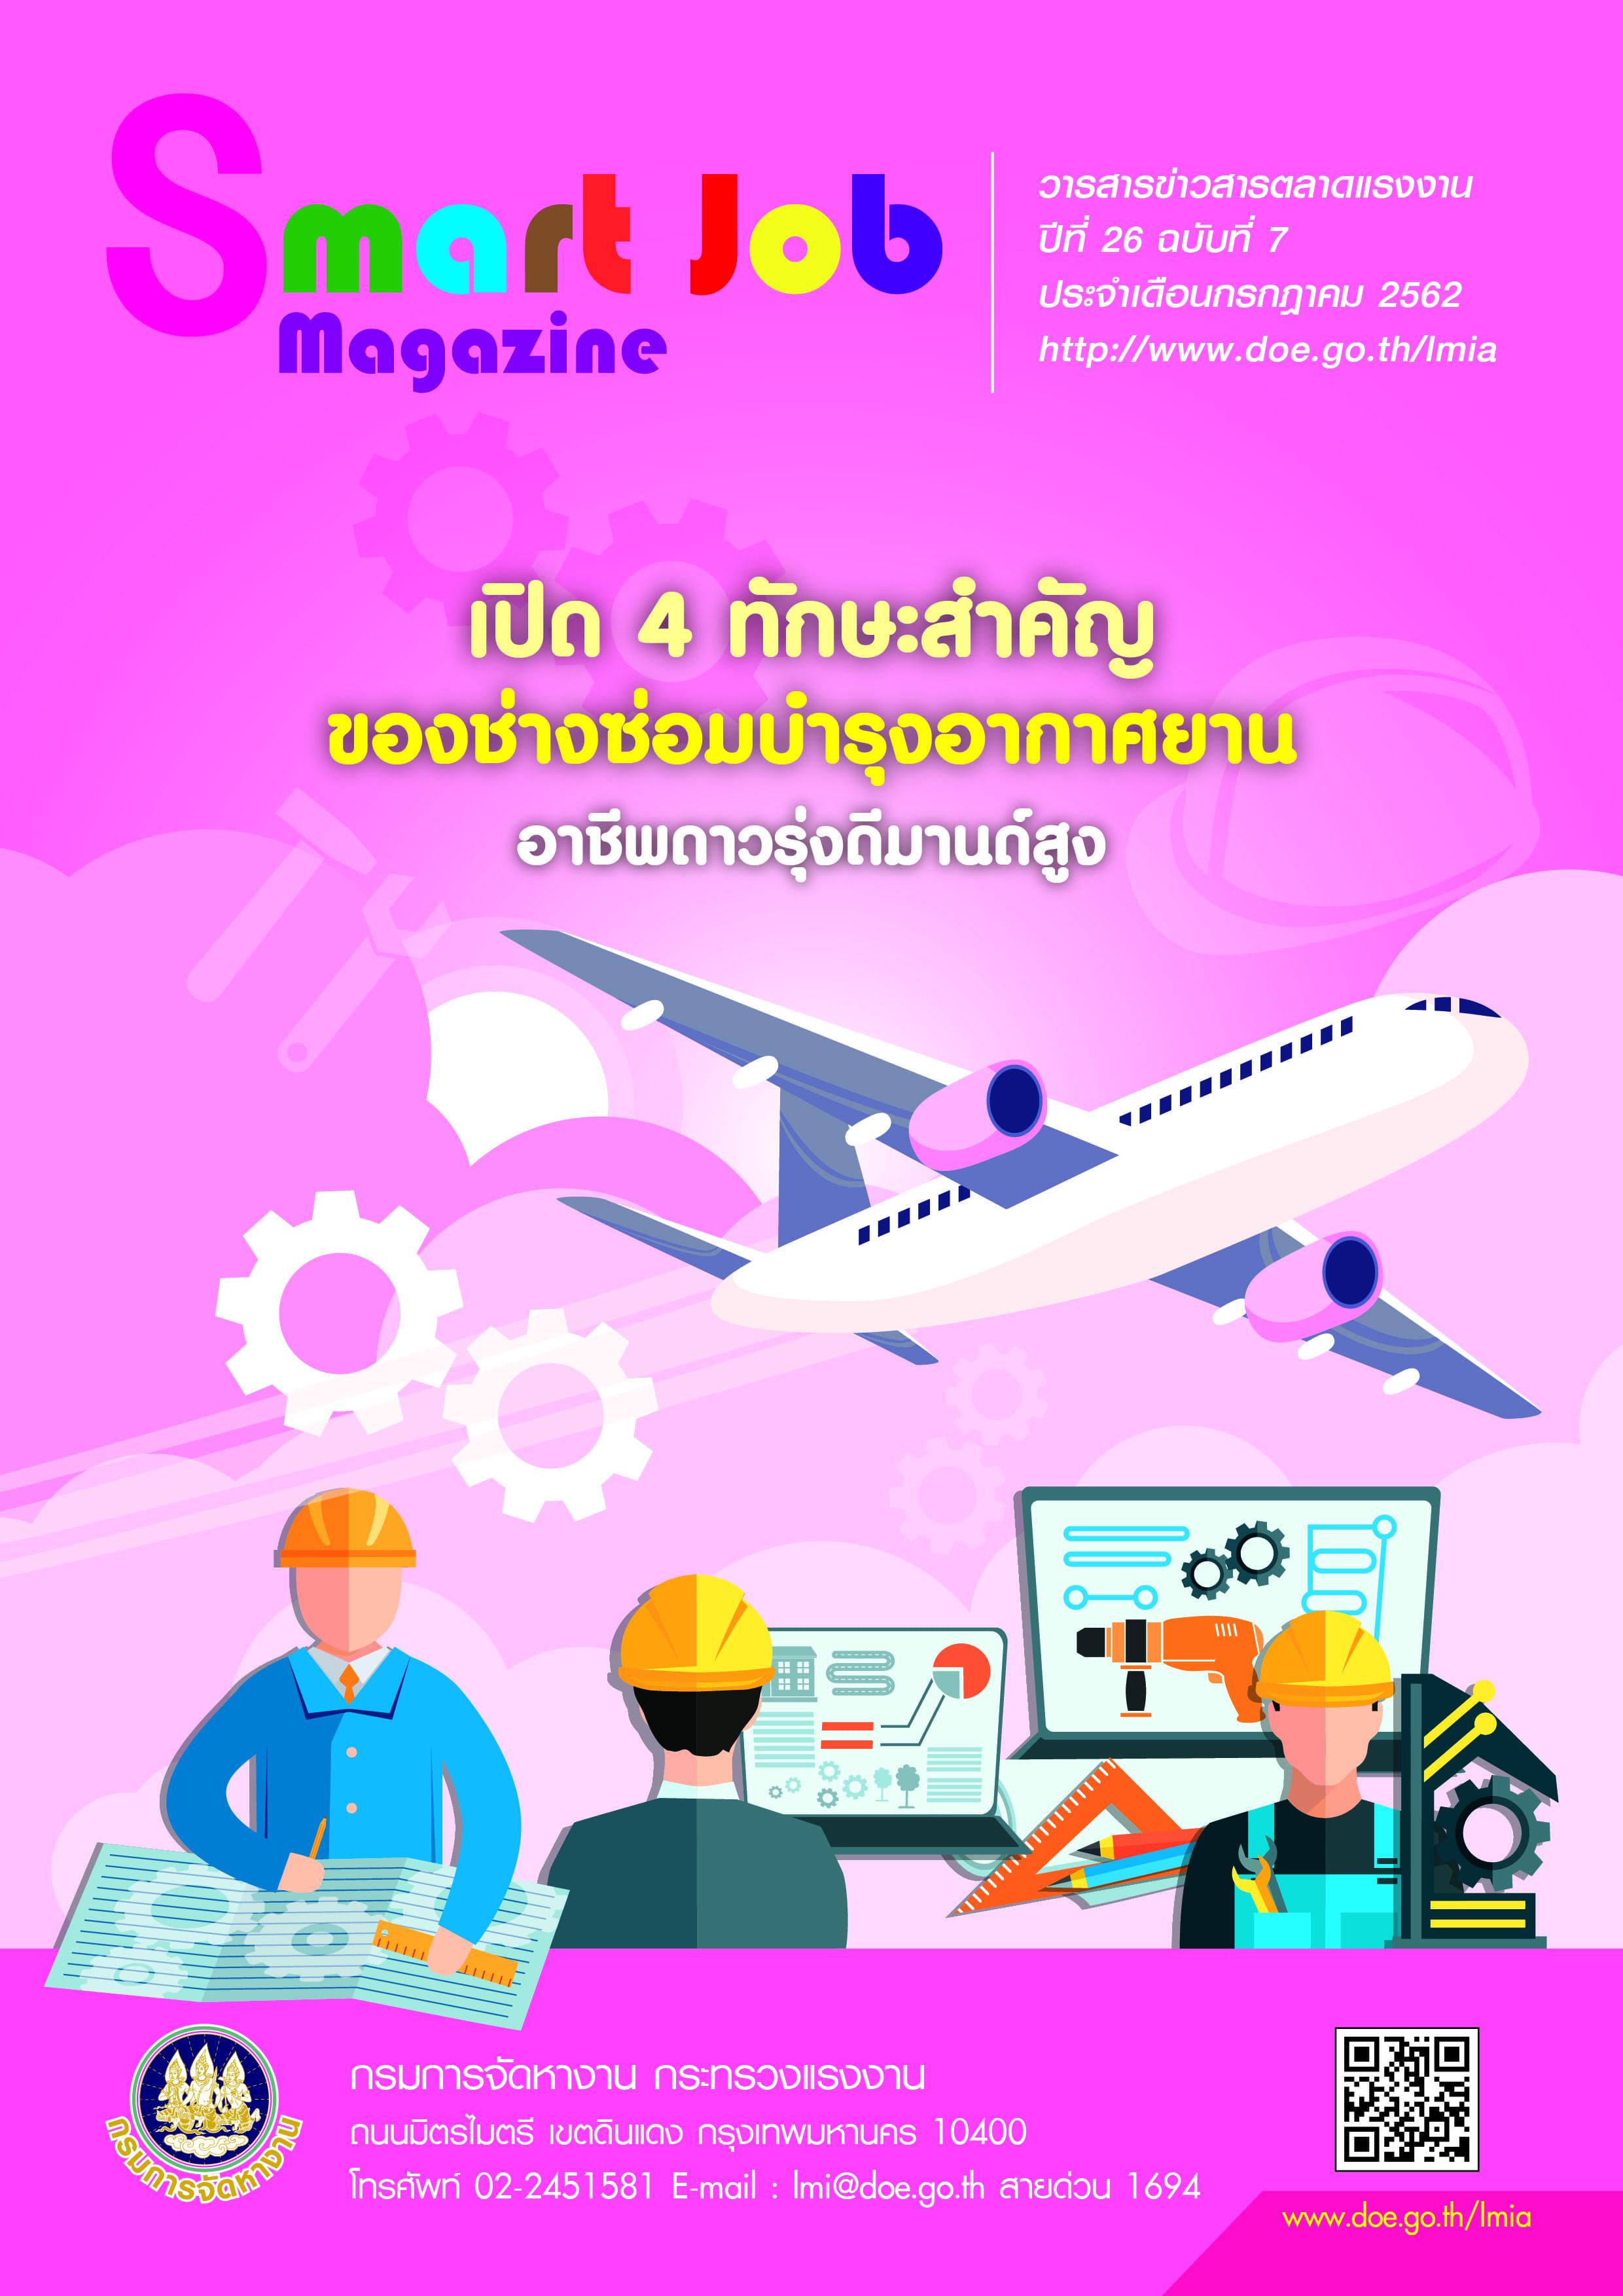 วารสารข่าวสารตลาดแรงงาน Smart Job Magazine ประจำเดือนกรกฎาคม 2562